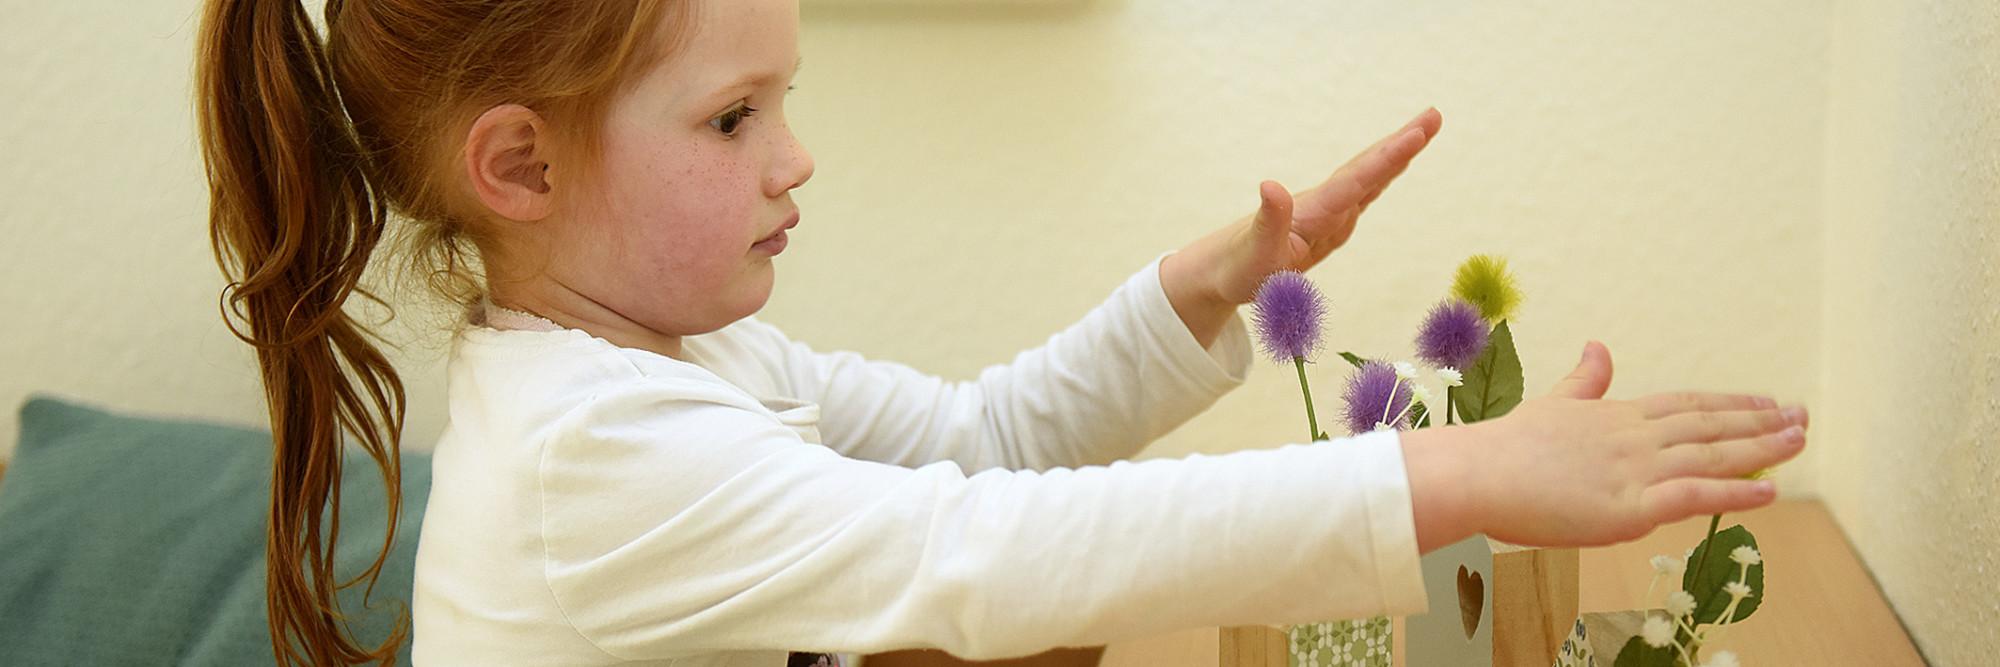 Ein Kind spielt mit Holzblumenvasen im Marianne van den Bosch Haus.